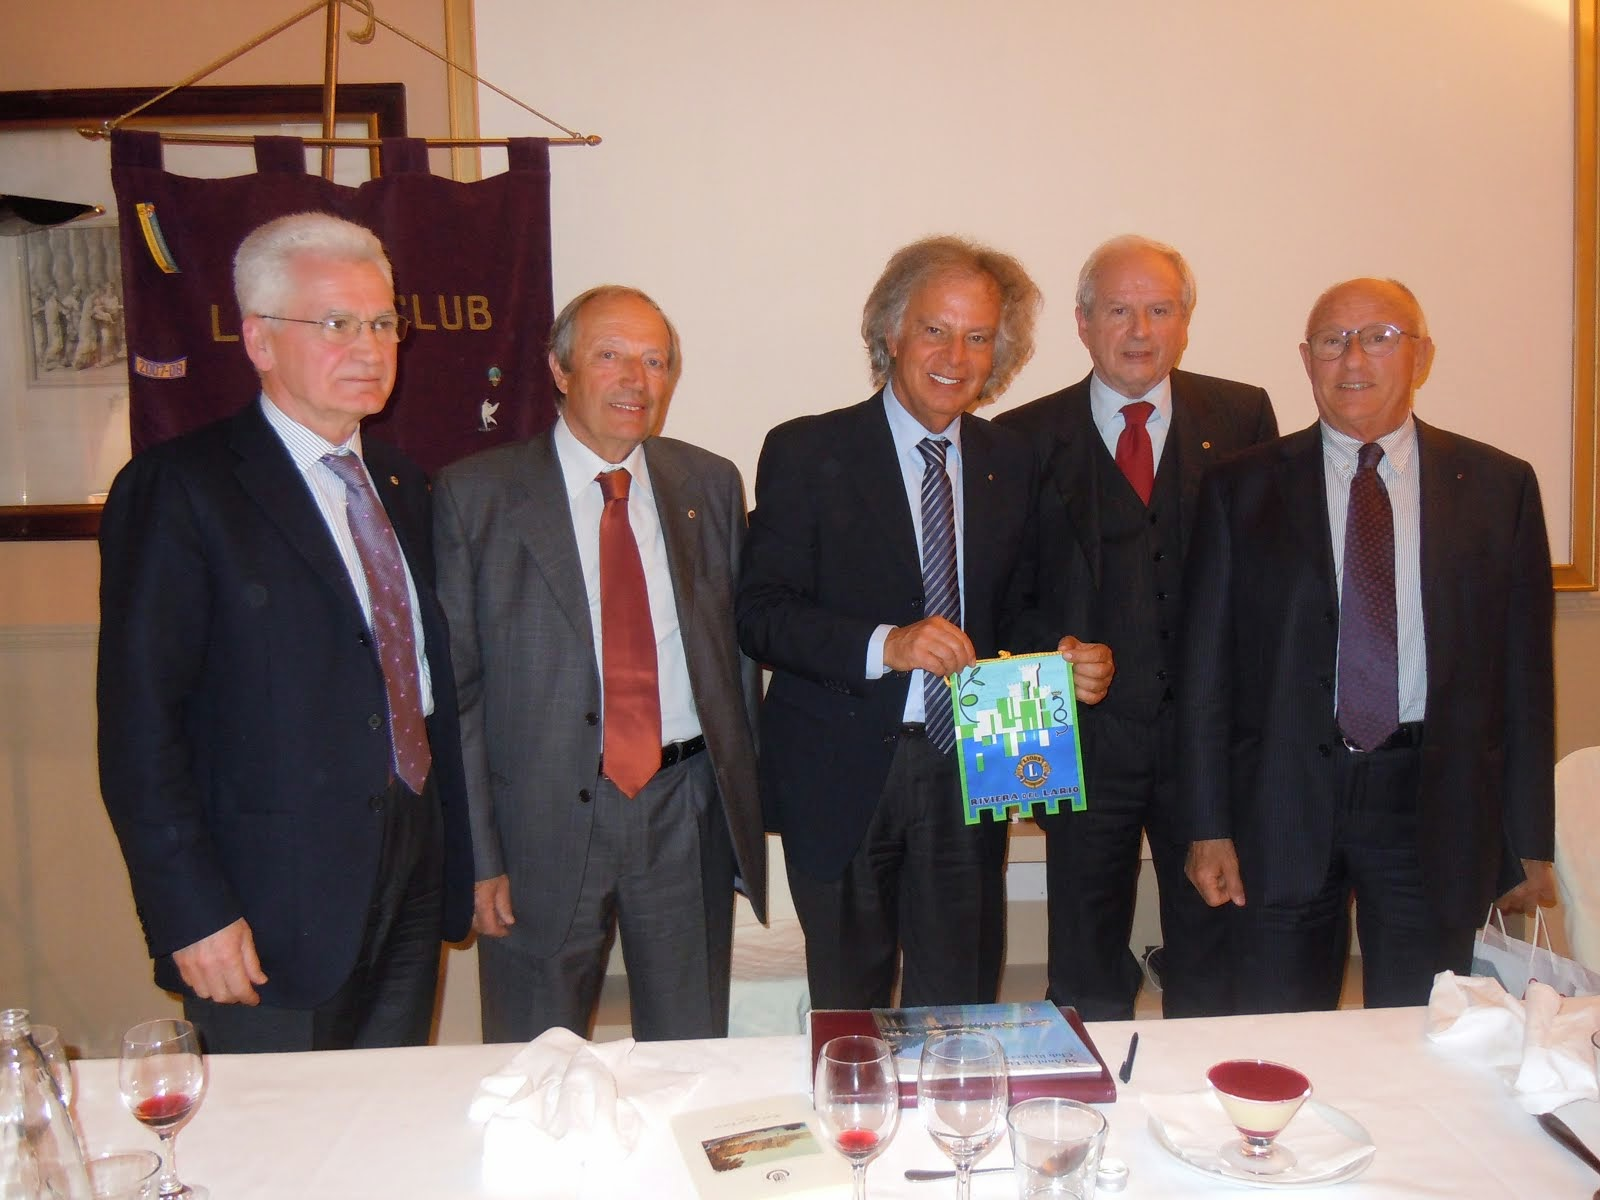 Foto scattate in occasione di conferenze Lions sul tema europeo.